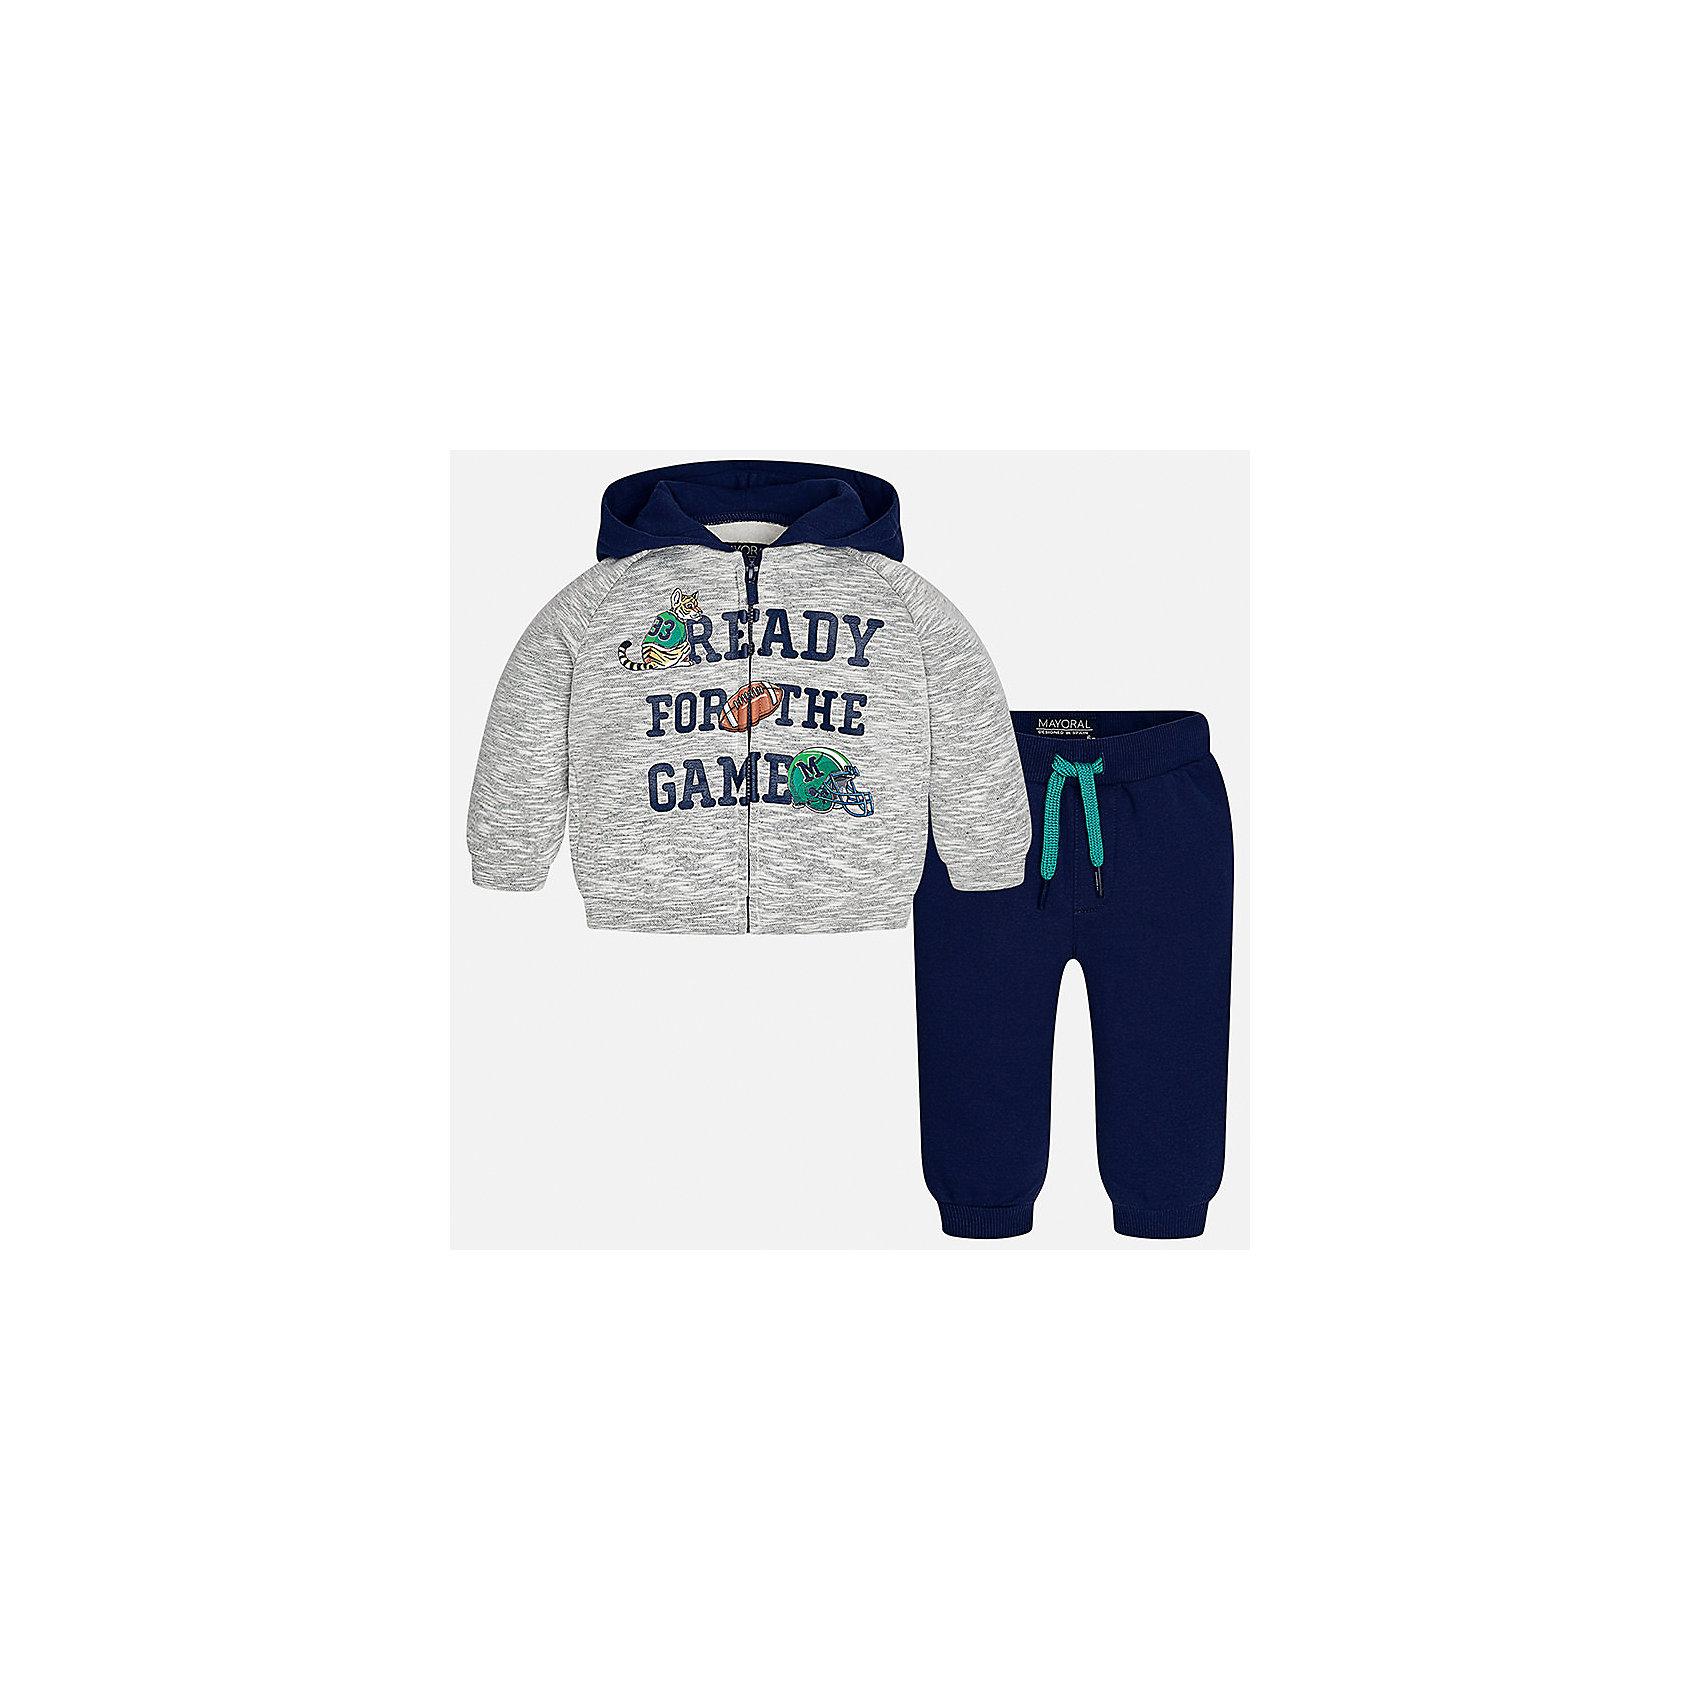 Спортивный костюм Mayoral для мальчикаКомплекты<br>Характеристики товара:<br><br>• цвет: серый<br>• состав ткани: 60% хлопок, 40% полиэстер<br>• комплектация: куртка, брюки<br>• сезон: демисезон<br>• особенности модели: спортивный стиль<br>• застежка: молния<br>• длинные рукава<br>• пояс брюк: резинка, шнурок<br>• страна бренда: Испания<br>• страна изготовитель: Индия<br><br>Детский костюм для спорта отличается стильным и продуманным дизайном. В спортивном костюме для мальчика от испанской компании Mayoral ребенок будет выглядеть модно, а чувствовать себя - комфортно. Этот спортивный костюм для мальчика от Майорал поможет обеспечить ребенку комфорт. <br><br>Спортивный костюм для мальчика Mayoral (Майорал) можно купить в нашем интернет-магазине.<br><br>Ширина мм: 247<br>Глубина мм: 16<br>Высота мм: 140<br>Вес г: 225<br>Цвет: белый<br>Возраст от месяцев: 24<br>Возраст до месяцев: 36<br>Пол: Мужской<br>Возраст: Детский<br>Размер: 98,74,80,86,92<br>SKU: 6935504